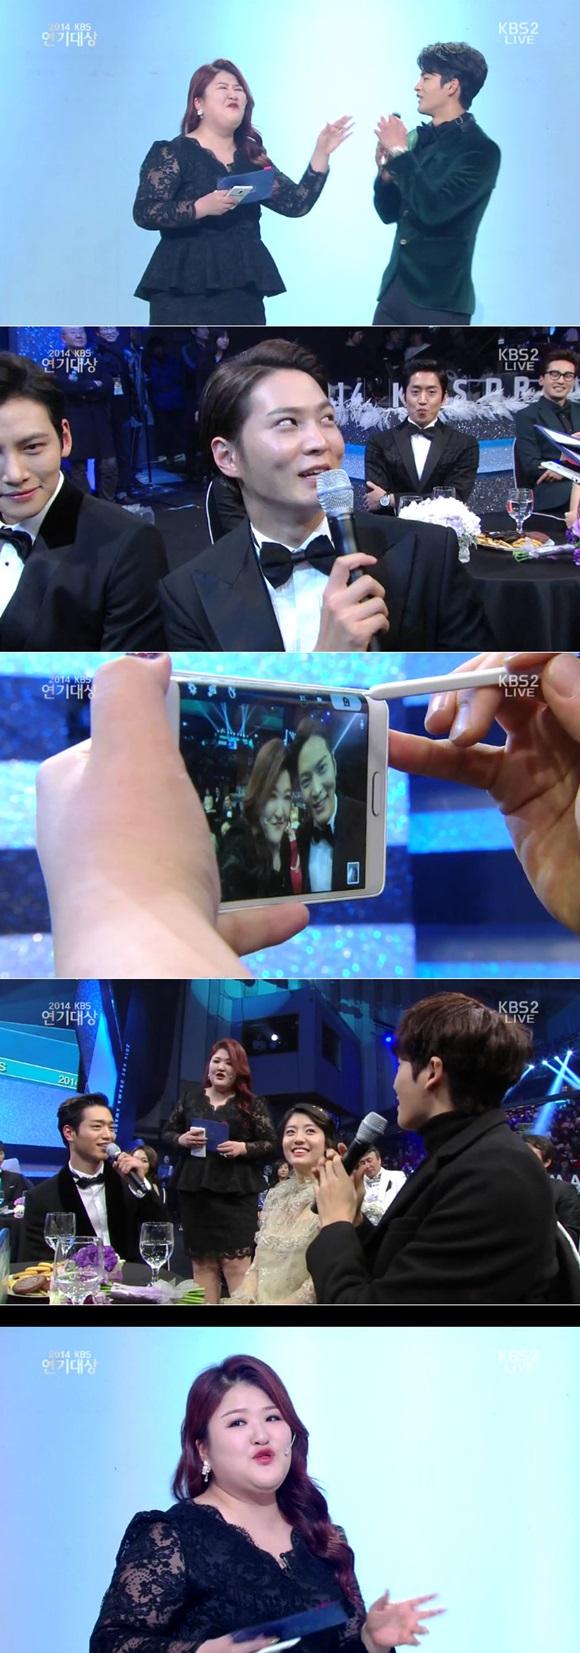 개그우먼 이국주가 2014 KBS 연기대상에 깜짝 출연해 2부 무대를 유쾌하게 꾸몄다./KBS 방송캡처